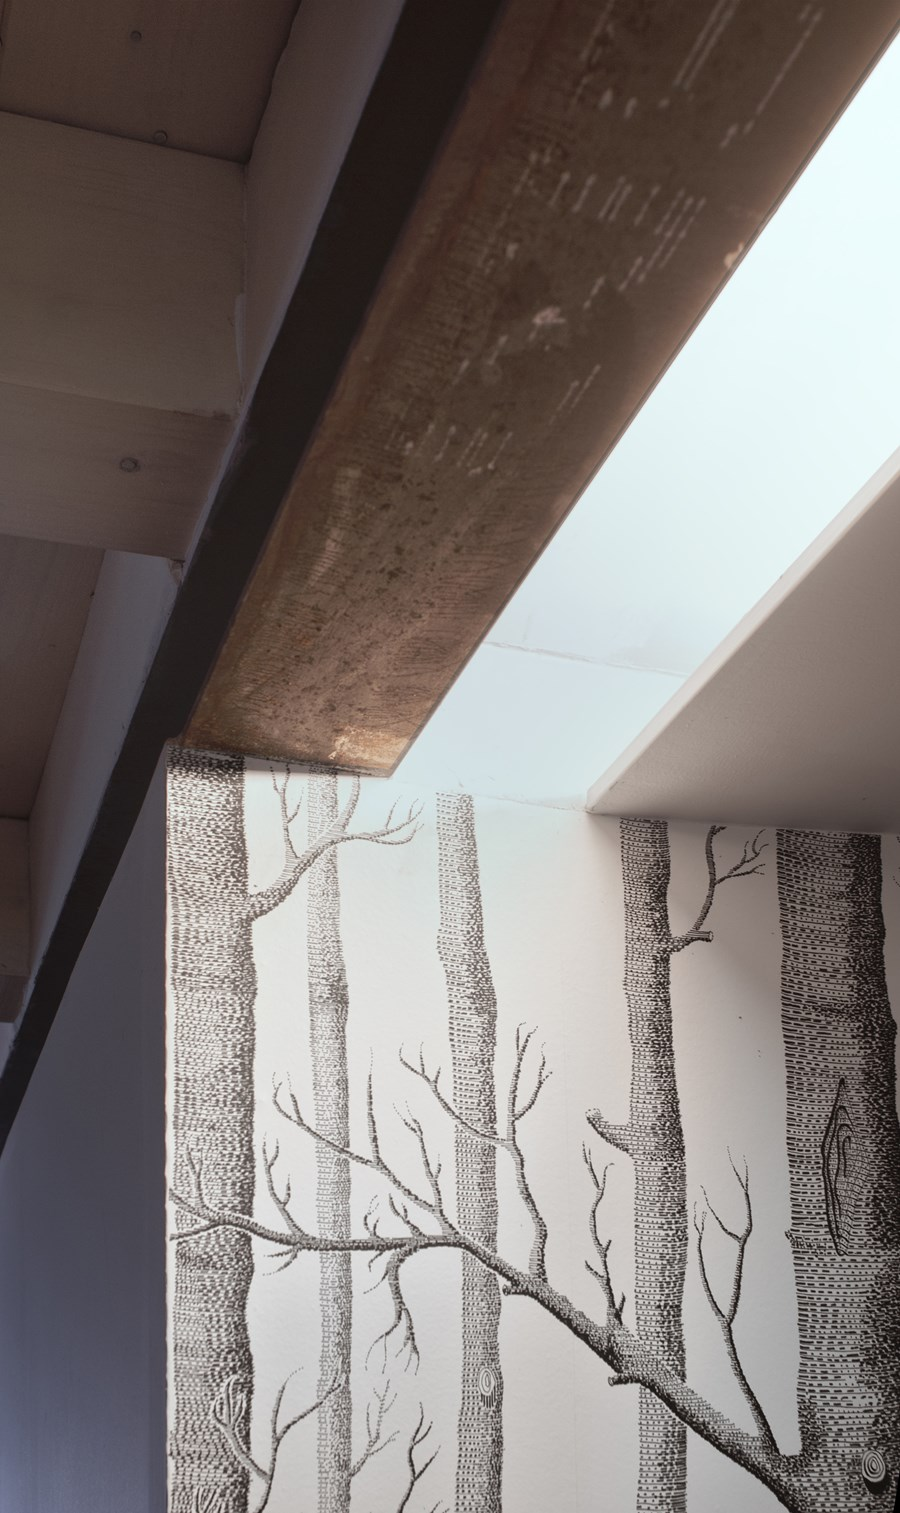 CPR attic refurbishment and extension by Piùerre 16